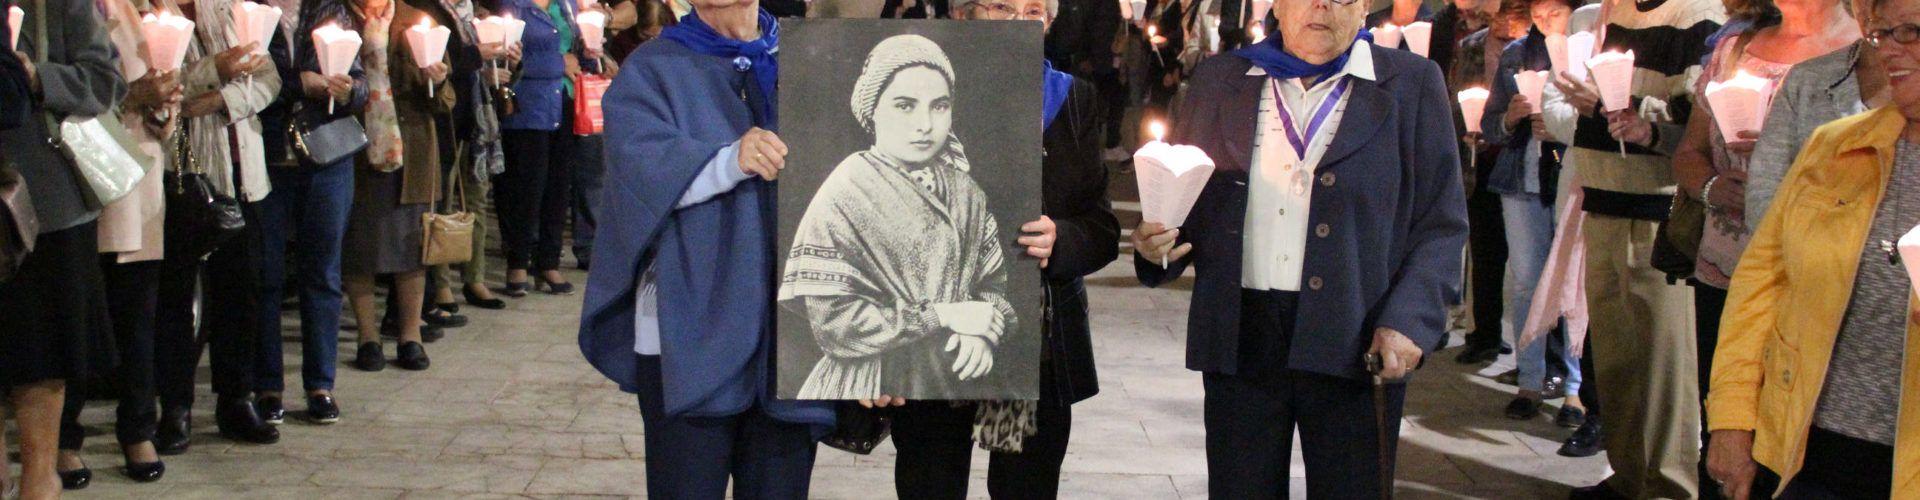 Vinaròs recibió solemnemente a la reliquia de Santa Bernardette Souvirous